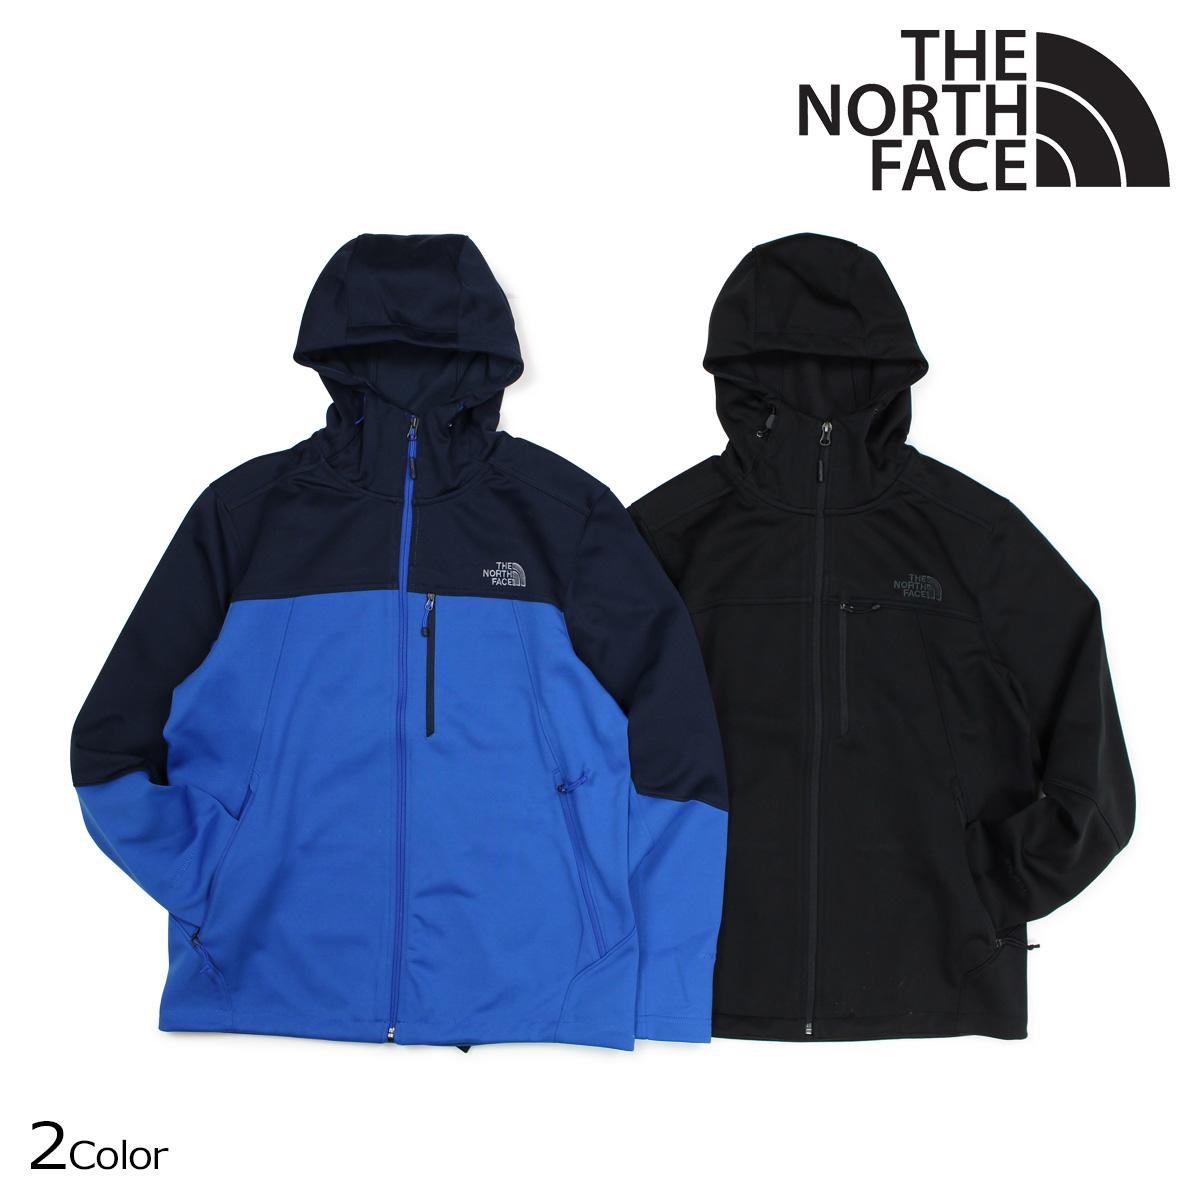 ノースフェイス THE NORTH FACE ジャケット マウンテンパーカー メンズ MENS APEX CANYONWALL HYBRID HOODIE ブラック ブルー NF0A3C6V 【決算セール 返品不可】